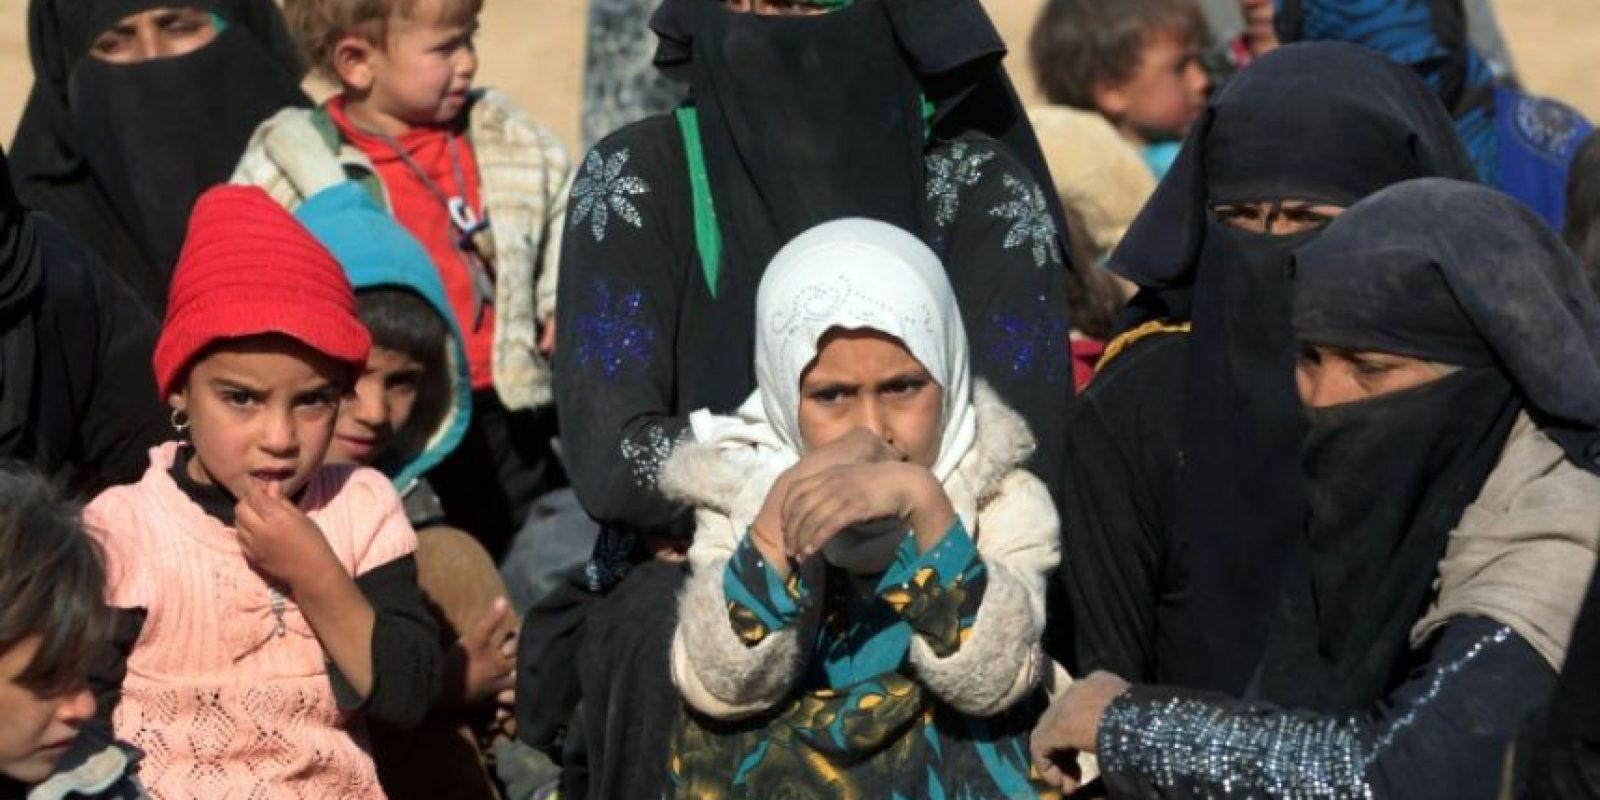 Mujeres y niños desplazados del pueblo de Tal Um Jadaan, al suroeste de Mosul, llegan a una zona próxima a Qayarah el pasado 26 de noviembre, como consecuencia de los combates entre yihadistas del EI y fuerzas gubernamentales Foto:Ahmad al Rubaye/afp.com